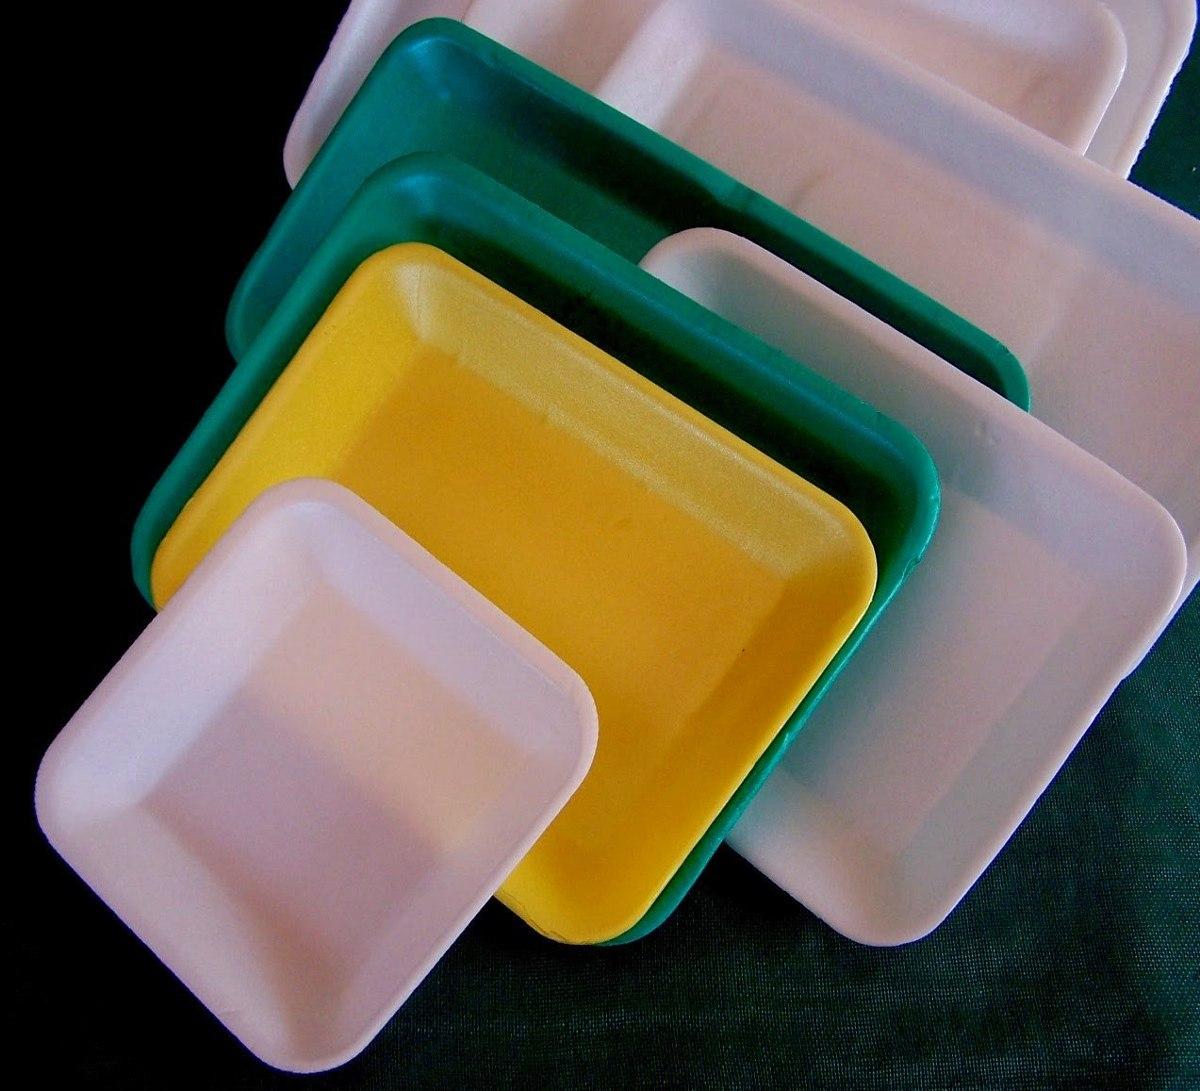 Bandejas descartables espuma 15x15 x 100 75 00 en - Manualidades corcho blanco ...